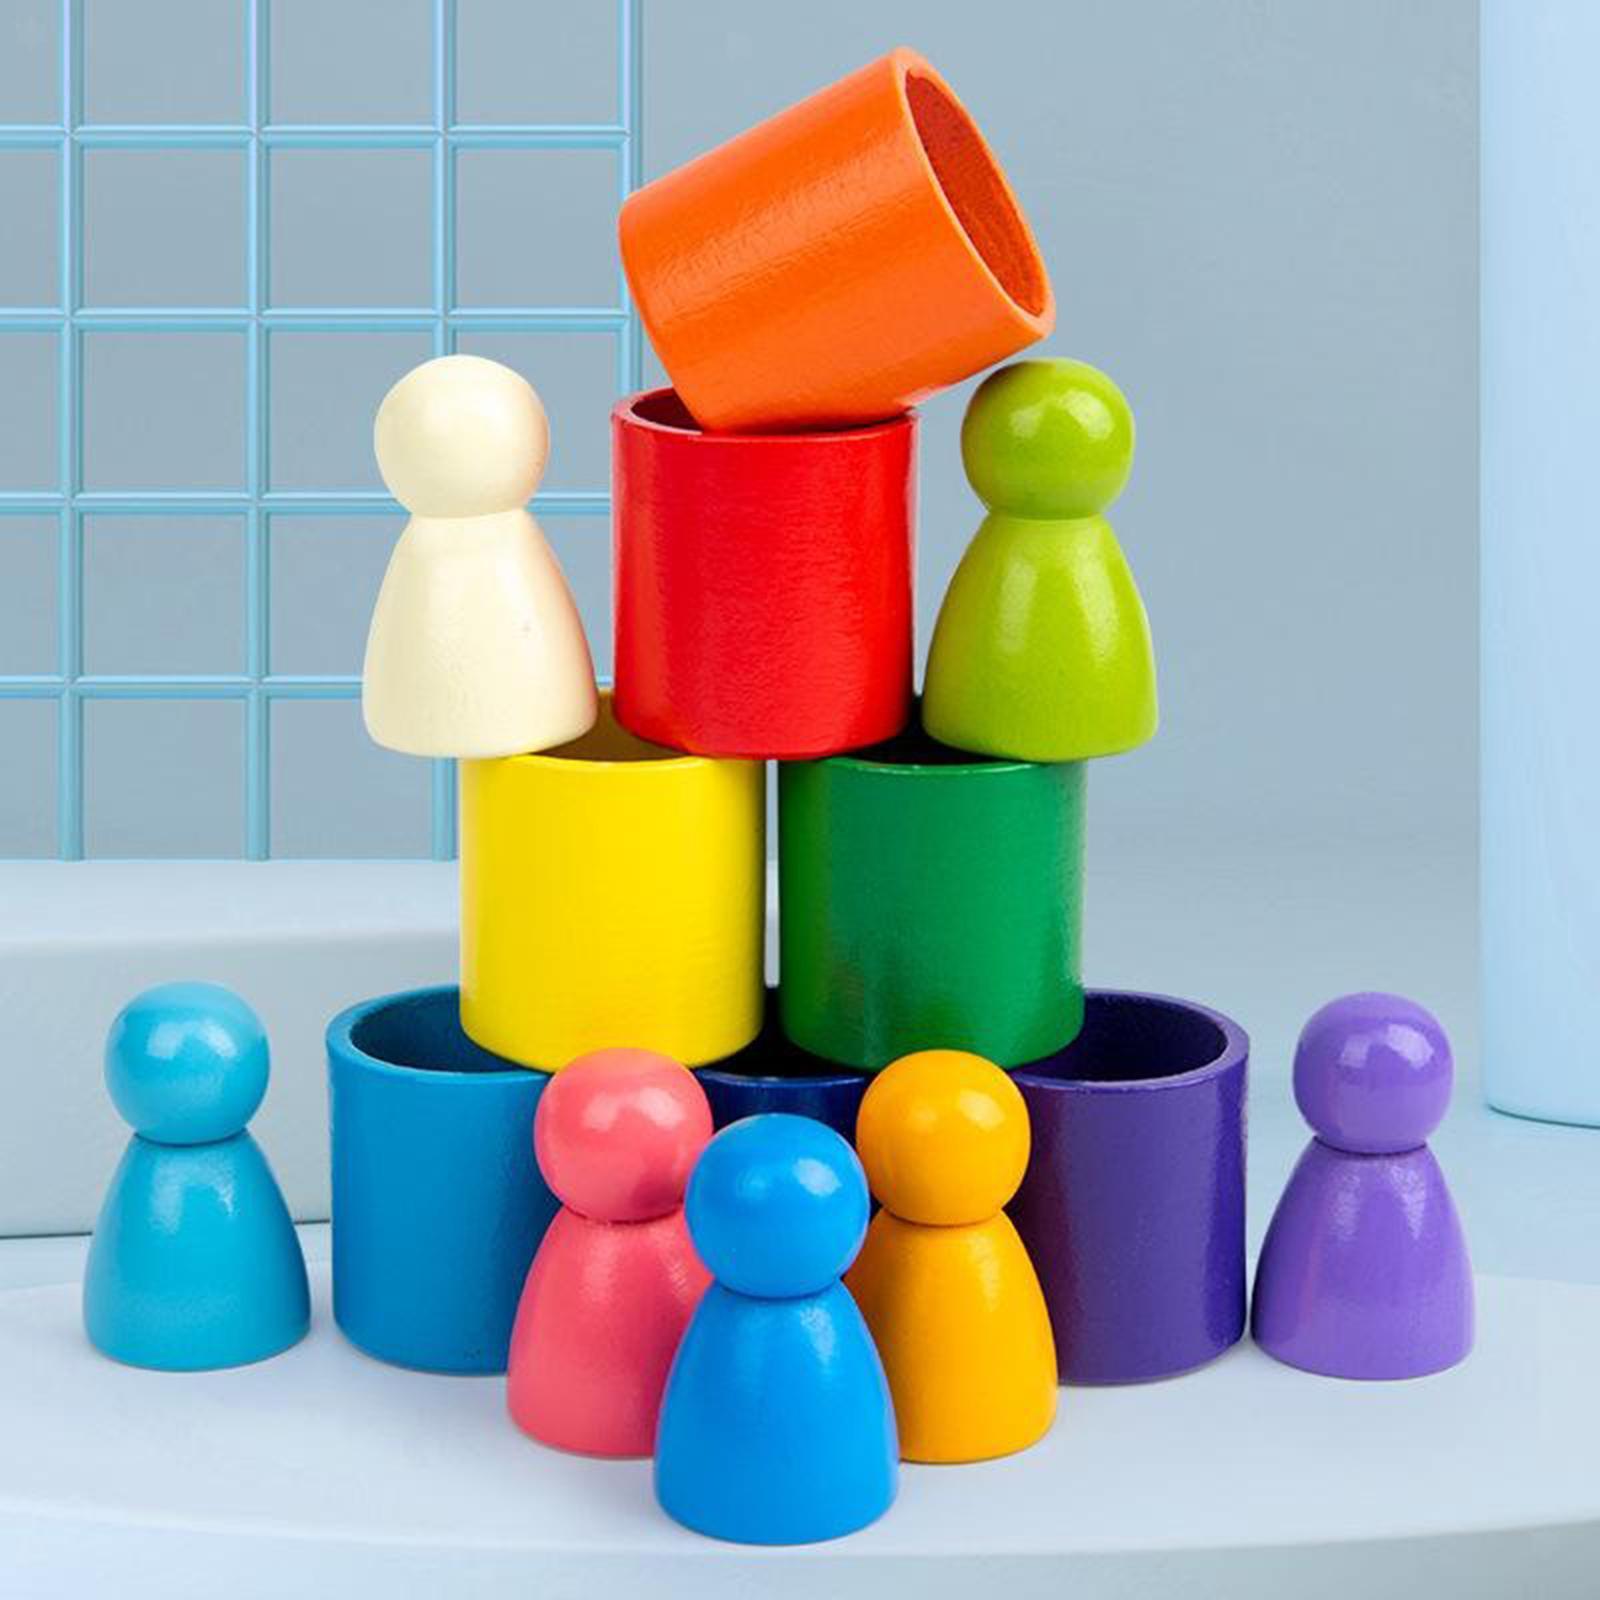 Blocchi-di-costruzione-giocattoli-per-bambini-in-legno-blocchi-di-nidificazione miniatura 10